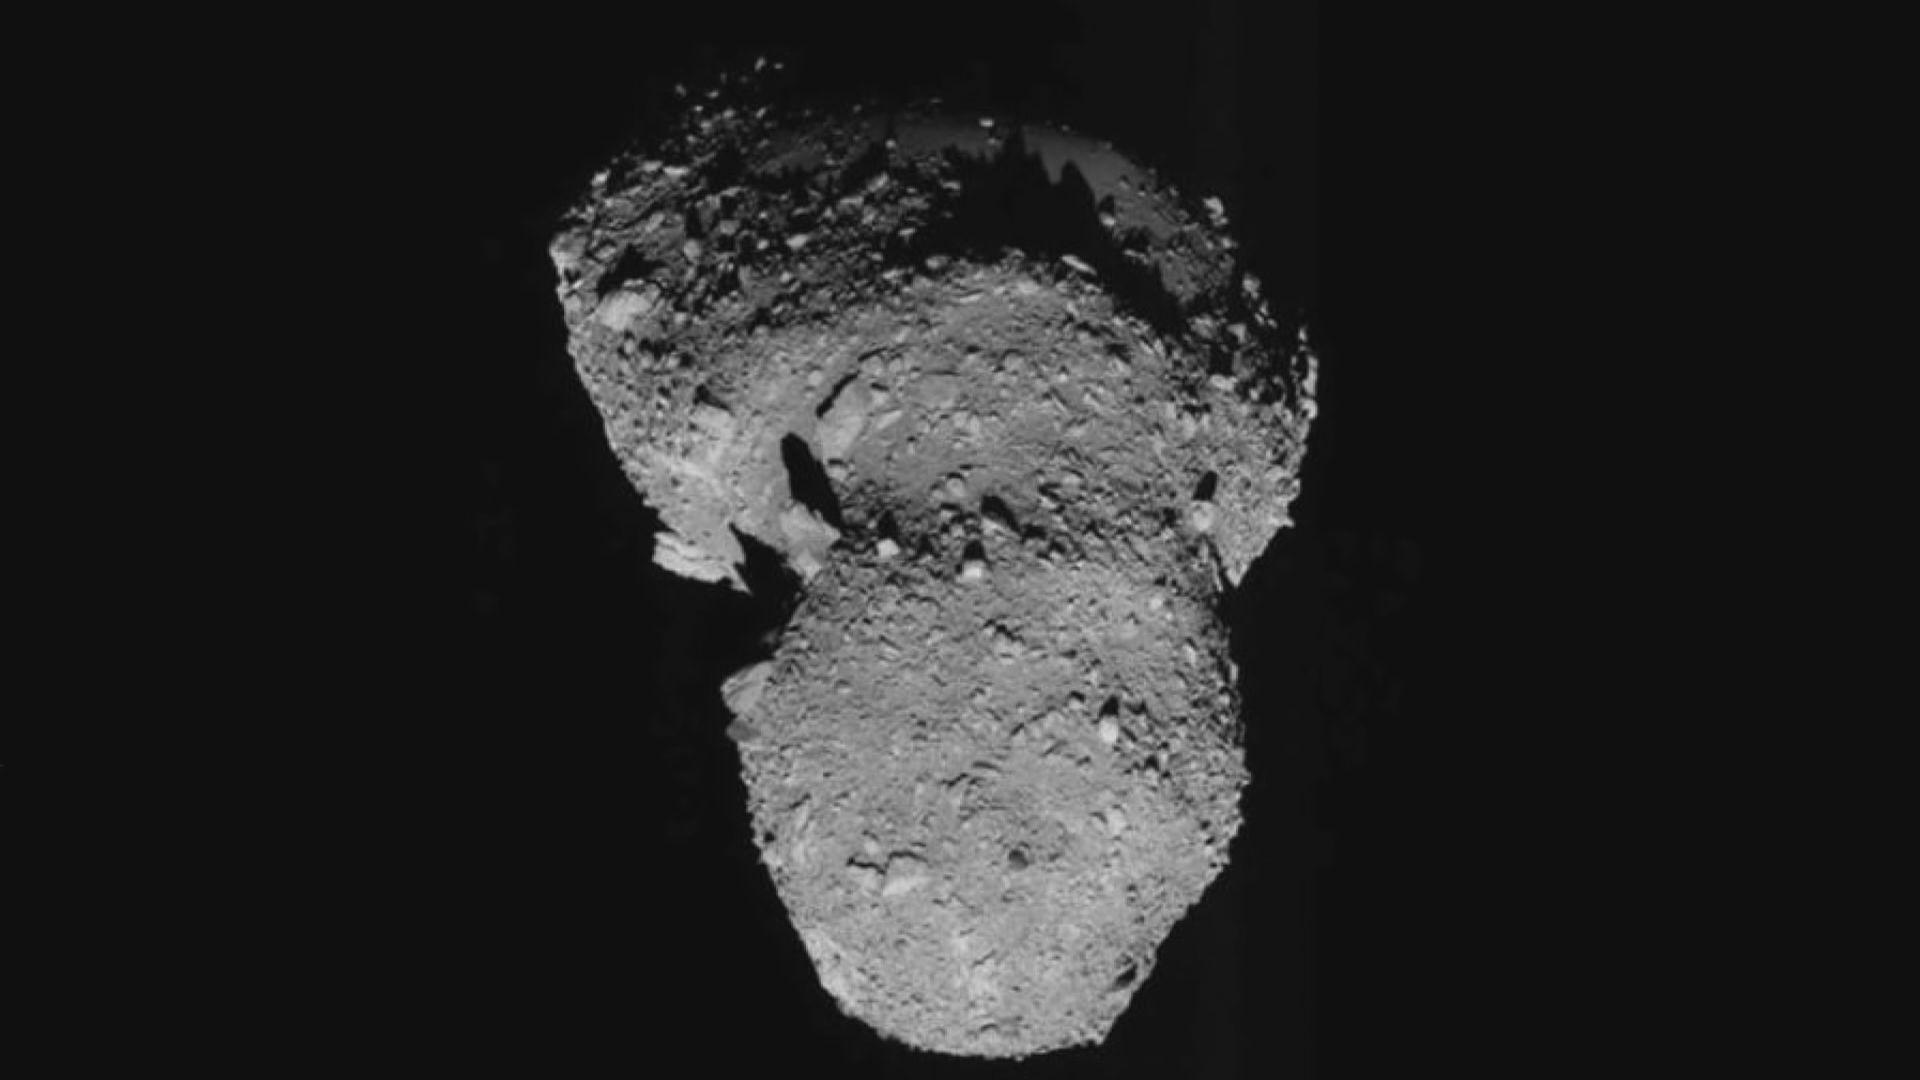 【環球薈報】巨型小行星十年後將近距離掠過地球